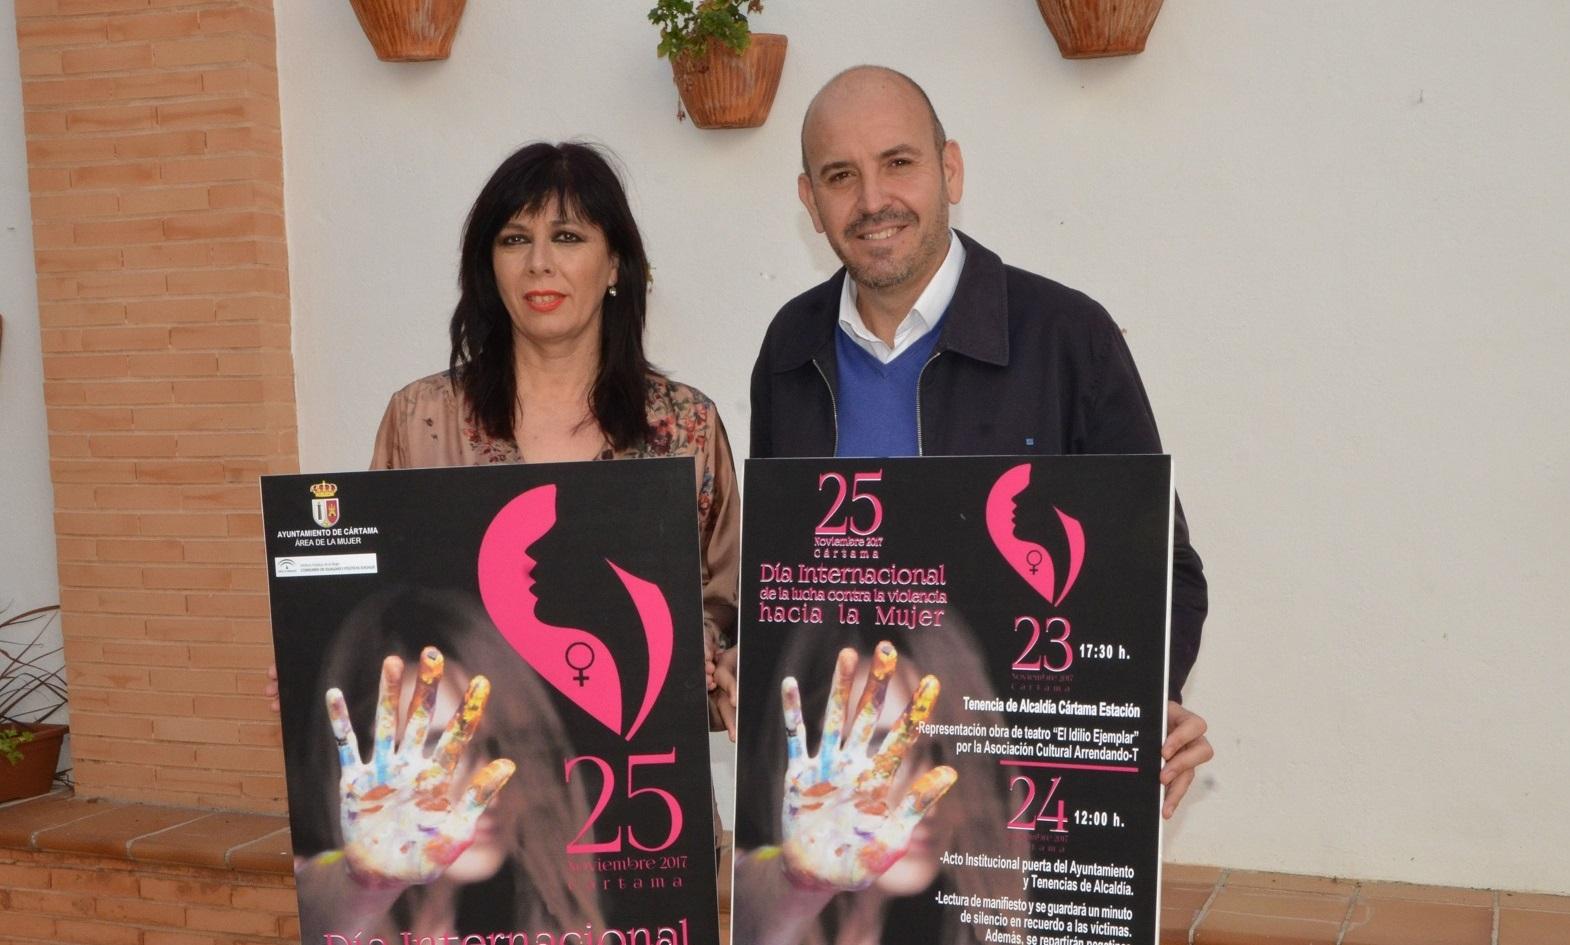 Cártama conmemorá el Día contra la violencia contra las mujeres con una agenda de actividades